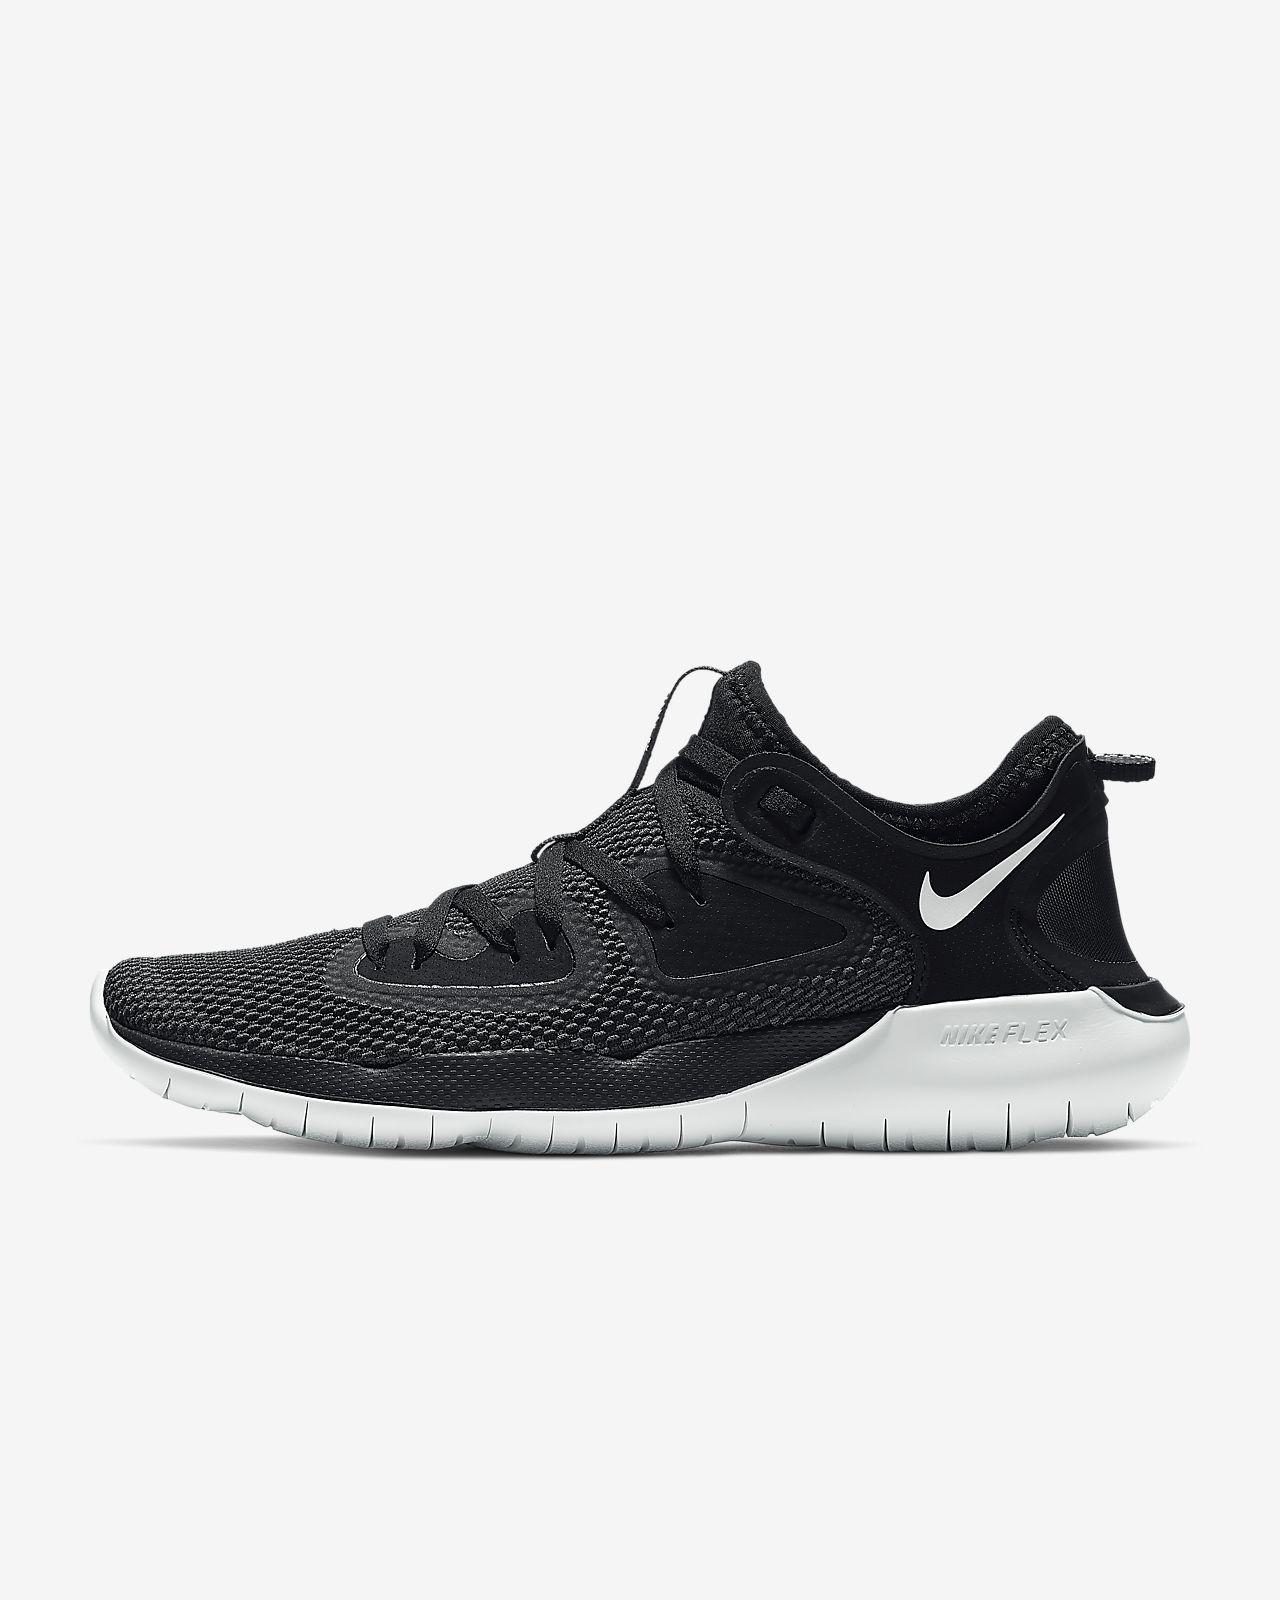 Damskie buty do biegania Nike Flex RN 2019